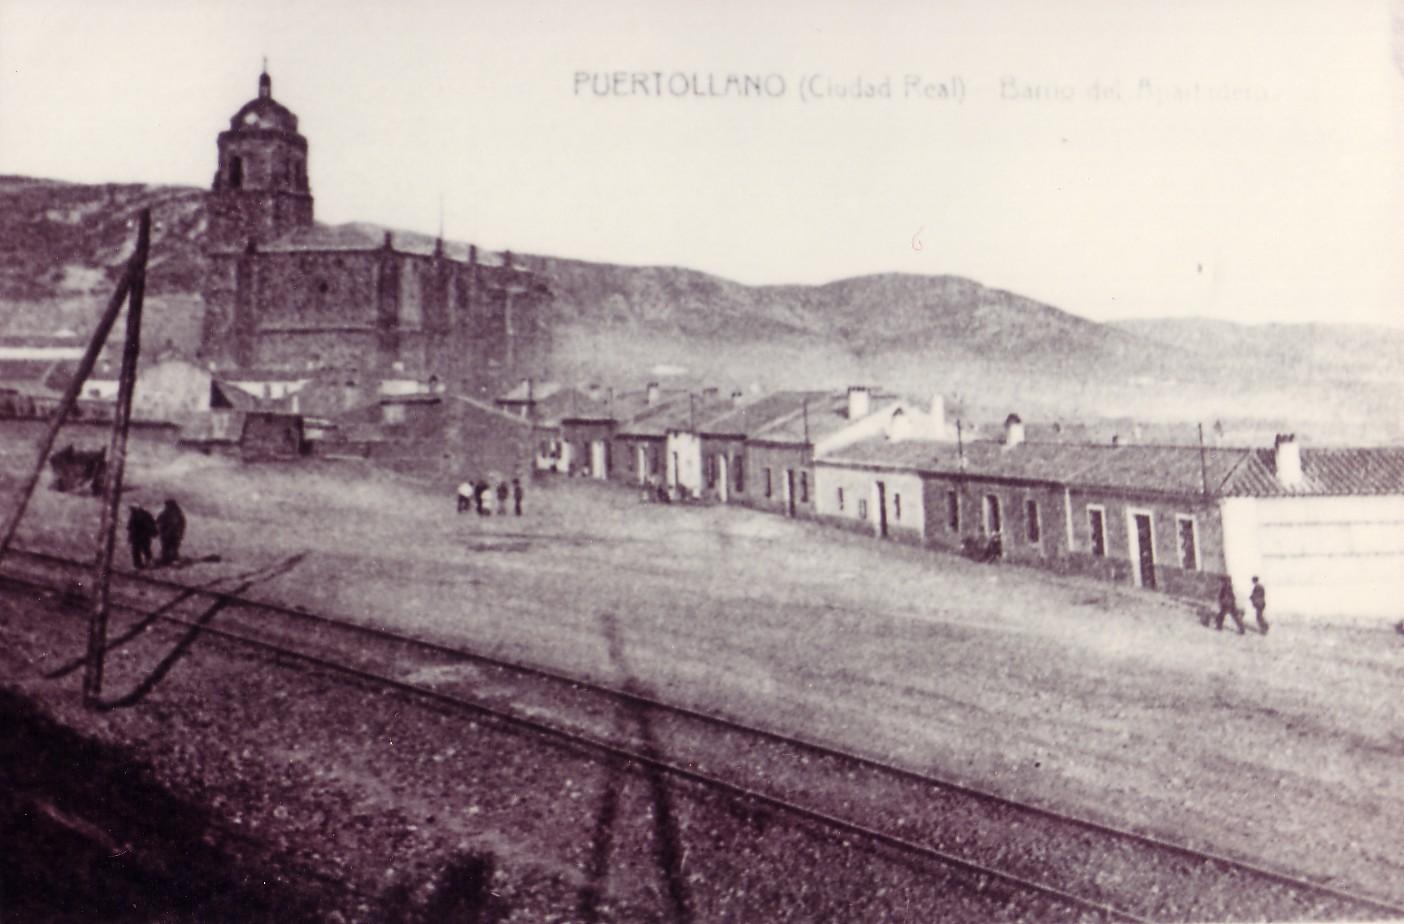 Parroquia de la Asunción y Barrio del Apartadero 1915 Fotografía Enrique Malagón